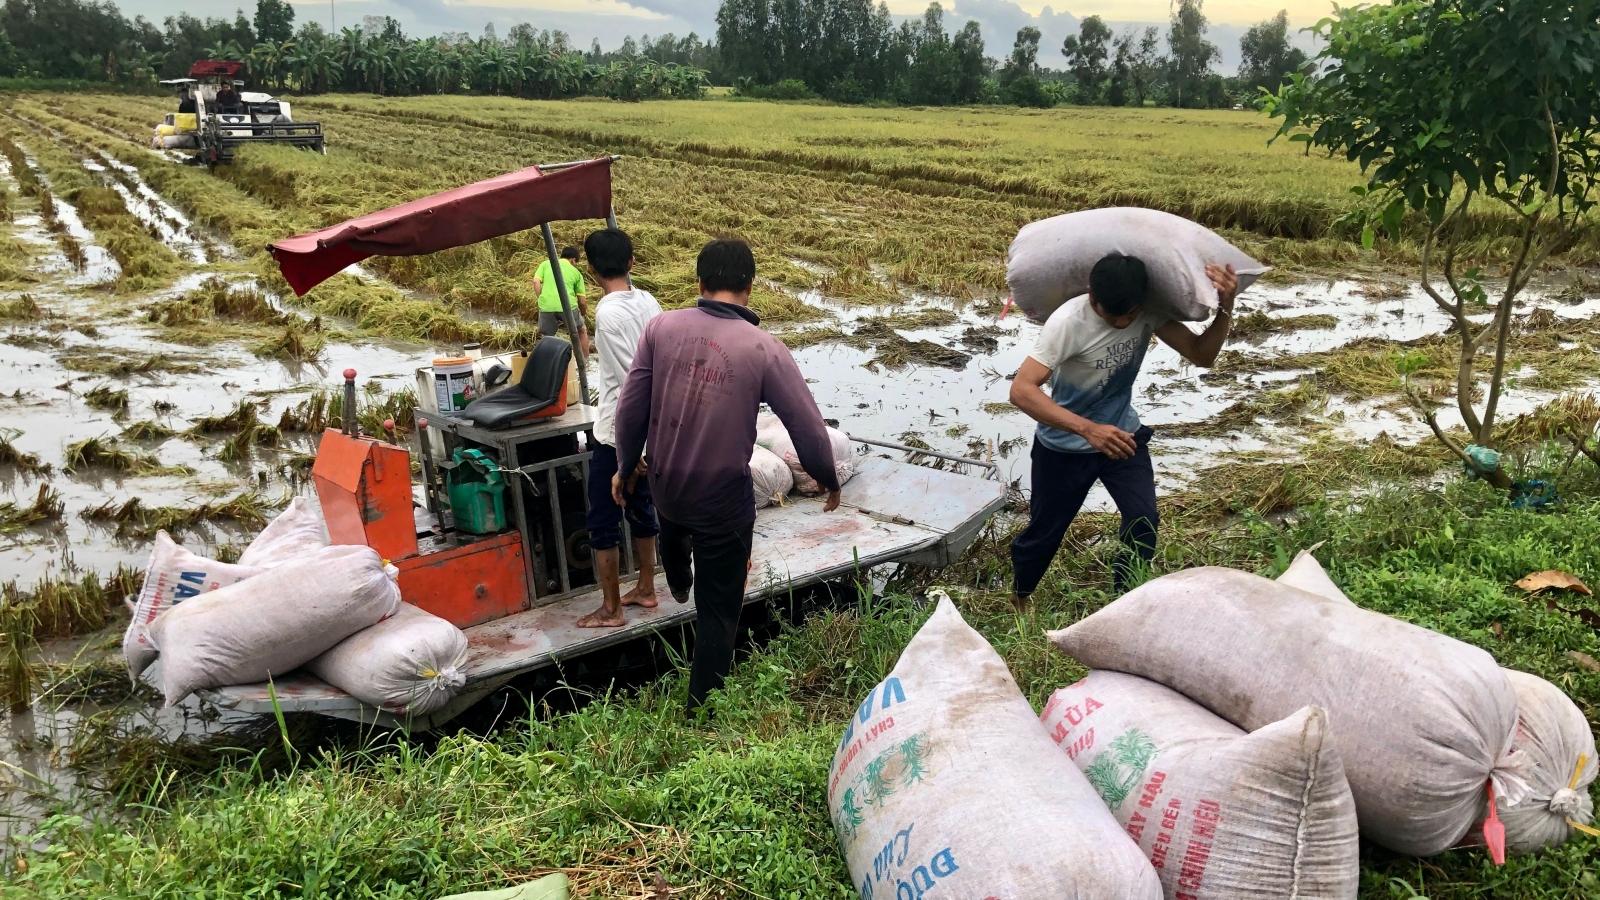 Giá lúa tăng nhưng năng suất lúa lại giảm do đổ ngã, ngập úng